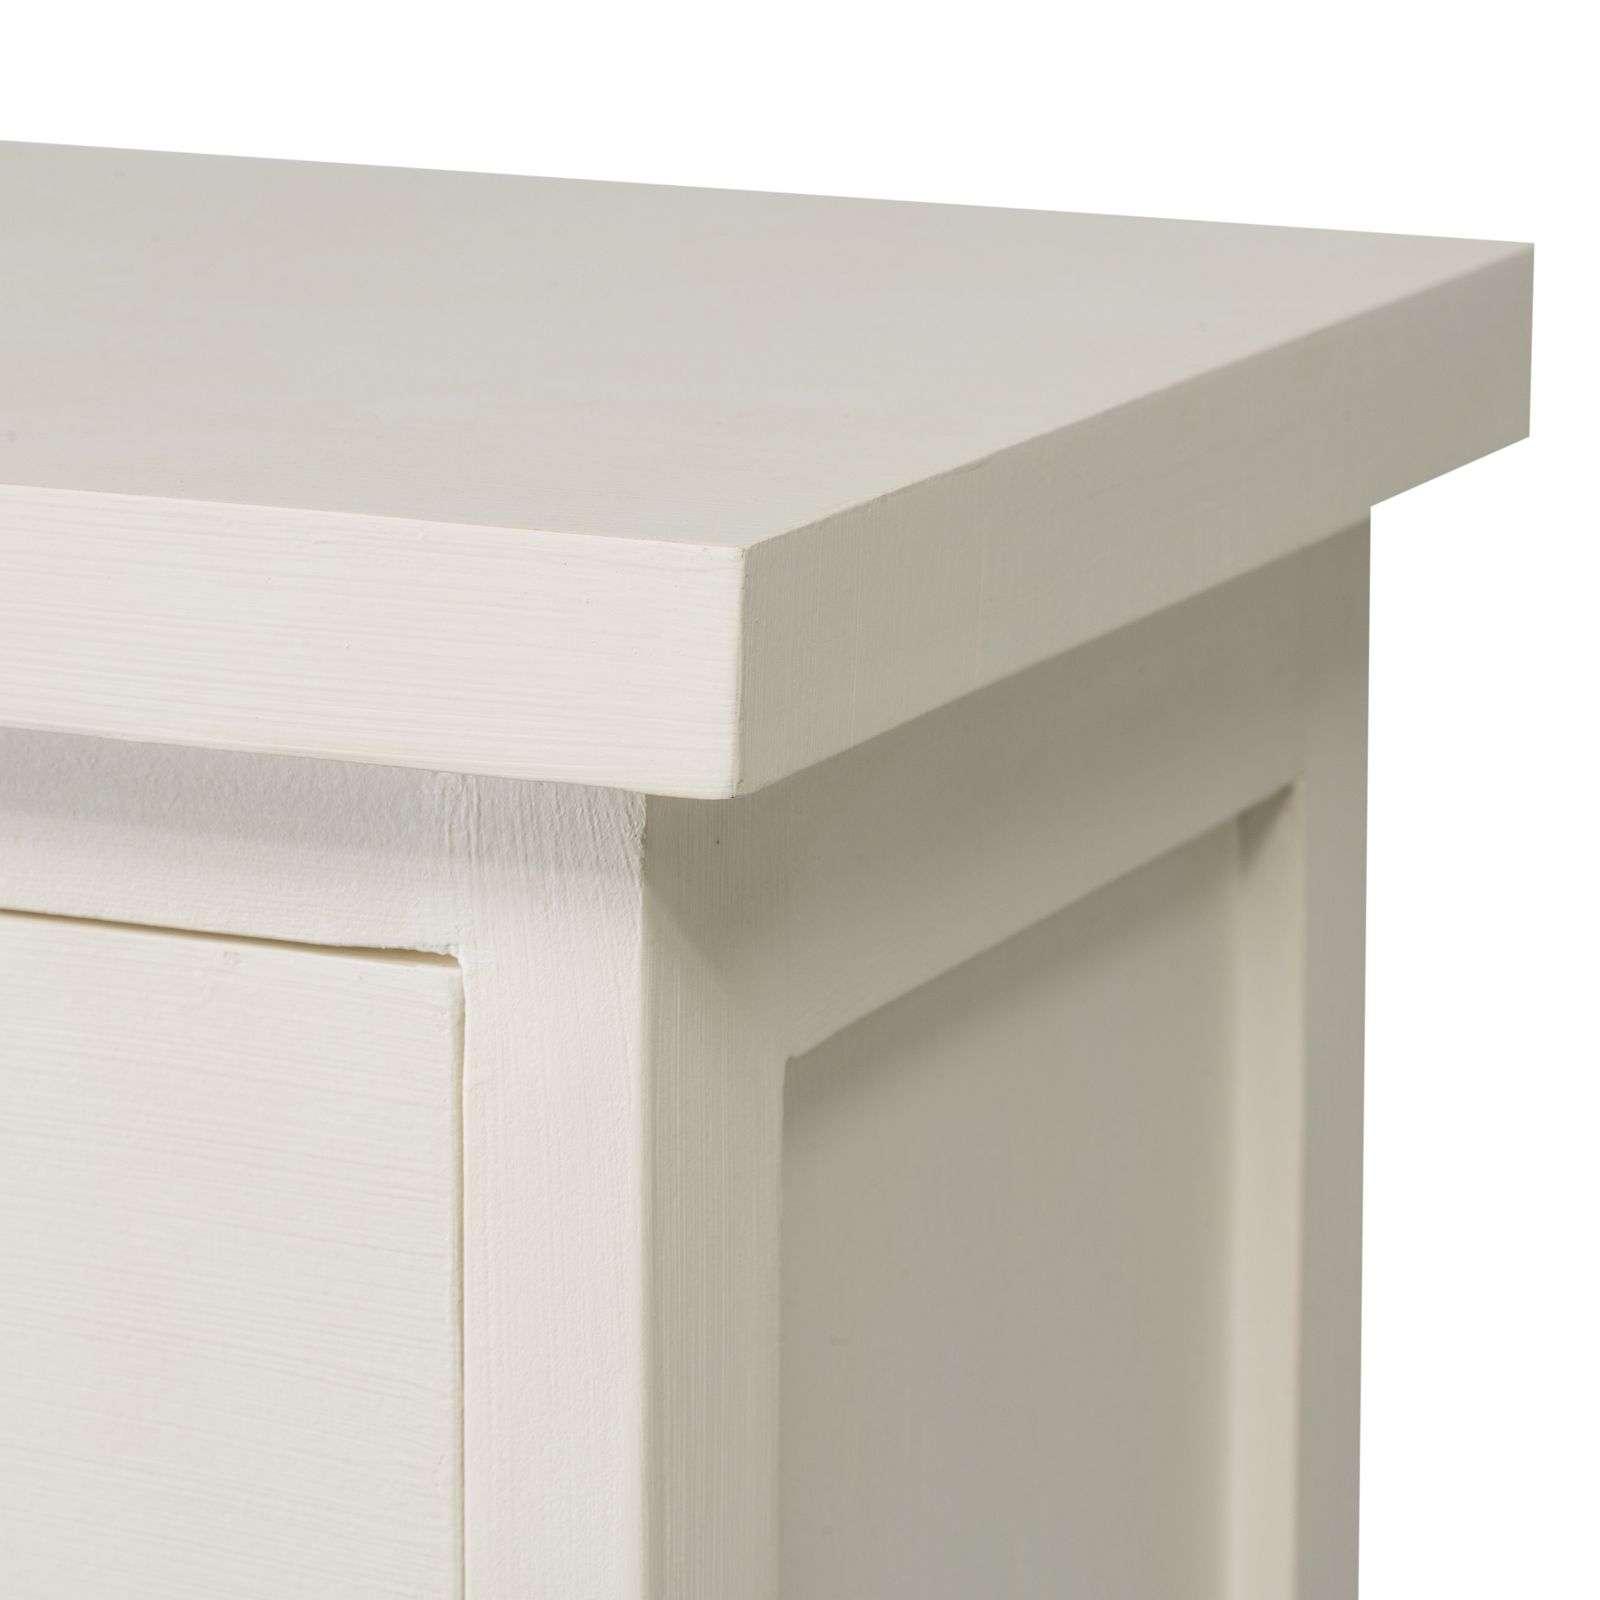 Szafka Milton 40x30x140 white 40x30x140cm